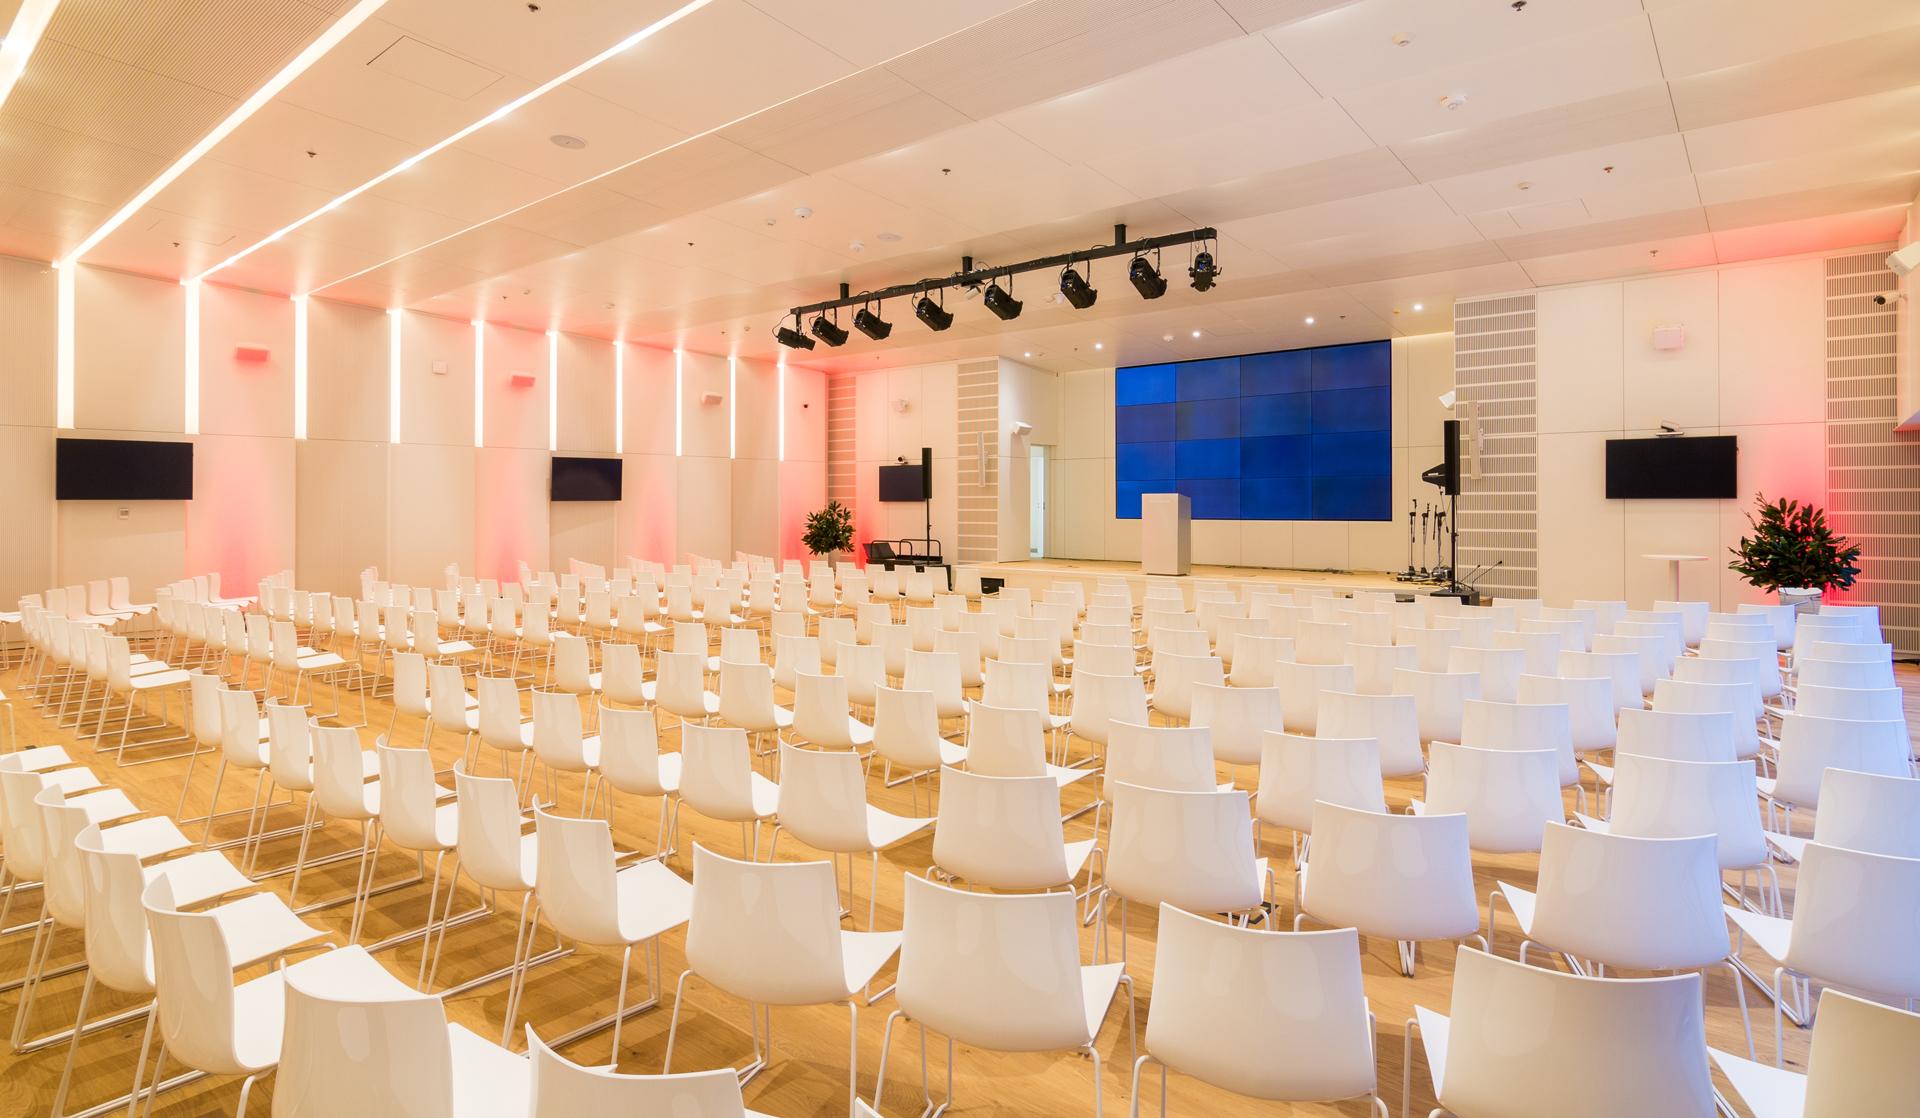 Centro de convenciones abierto a la comunidad con 300 asientos en forma de auditorio.